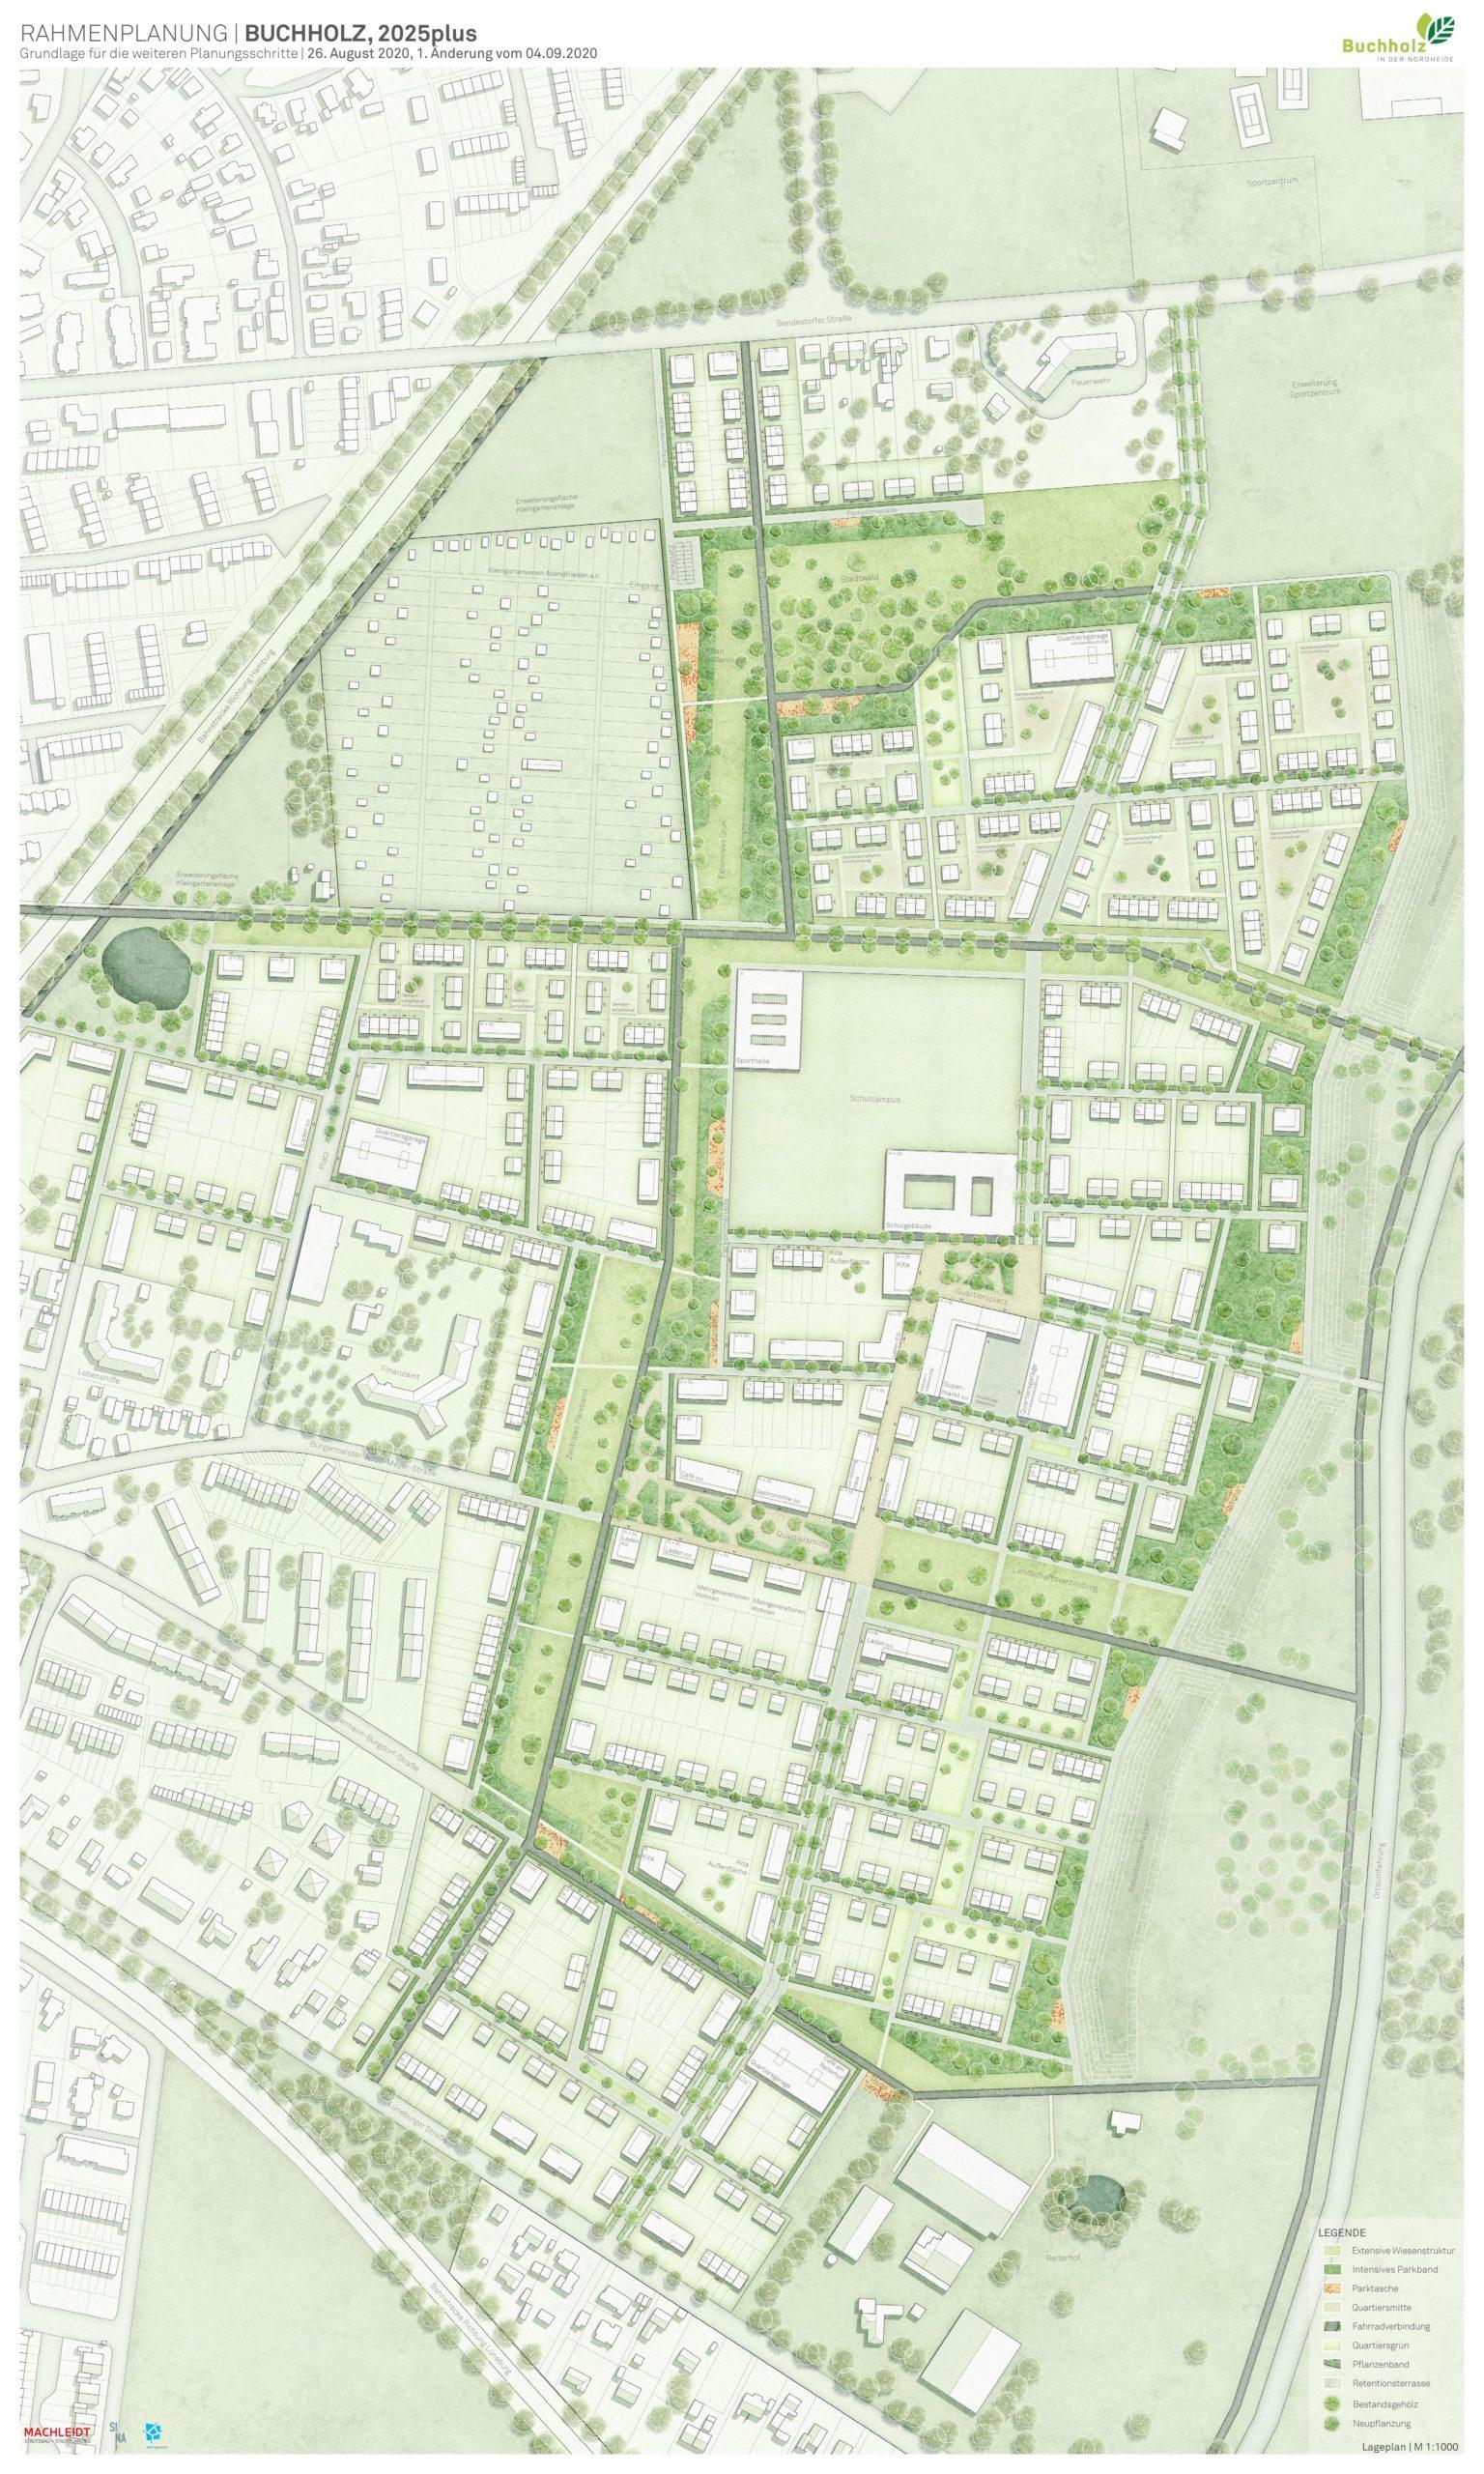 Rahmenplan Buchholz2025+